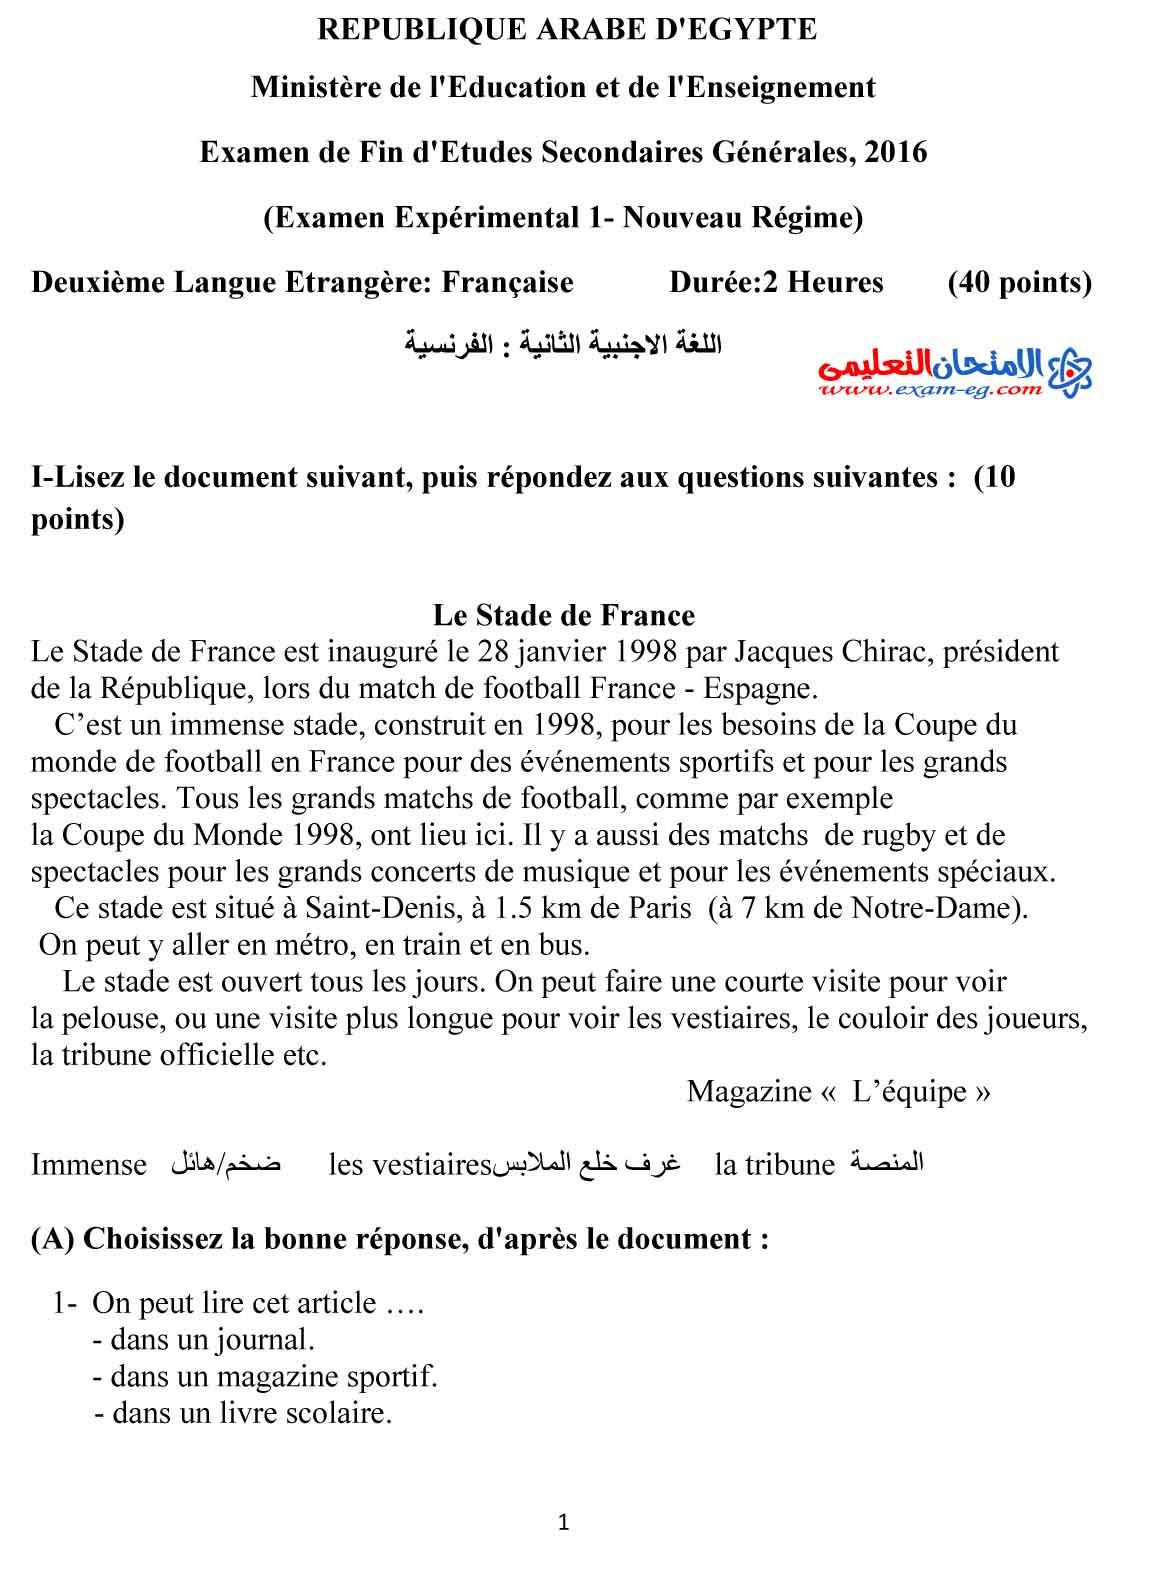 لغة فرنسية 1 - مدرسة اون لاين-1